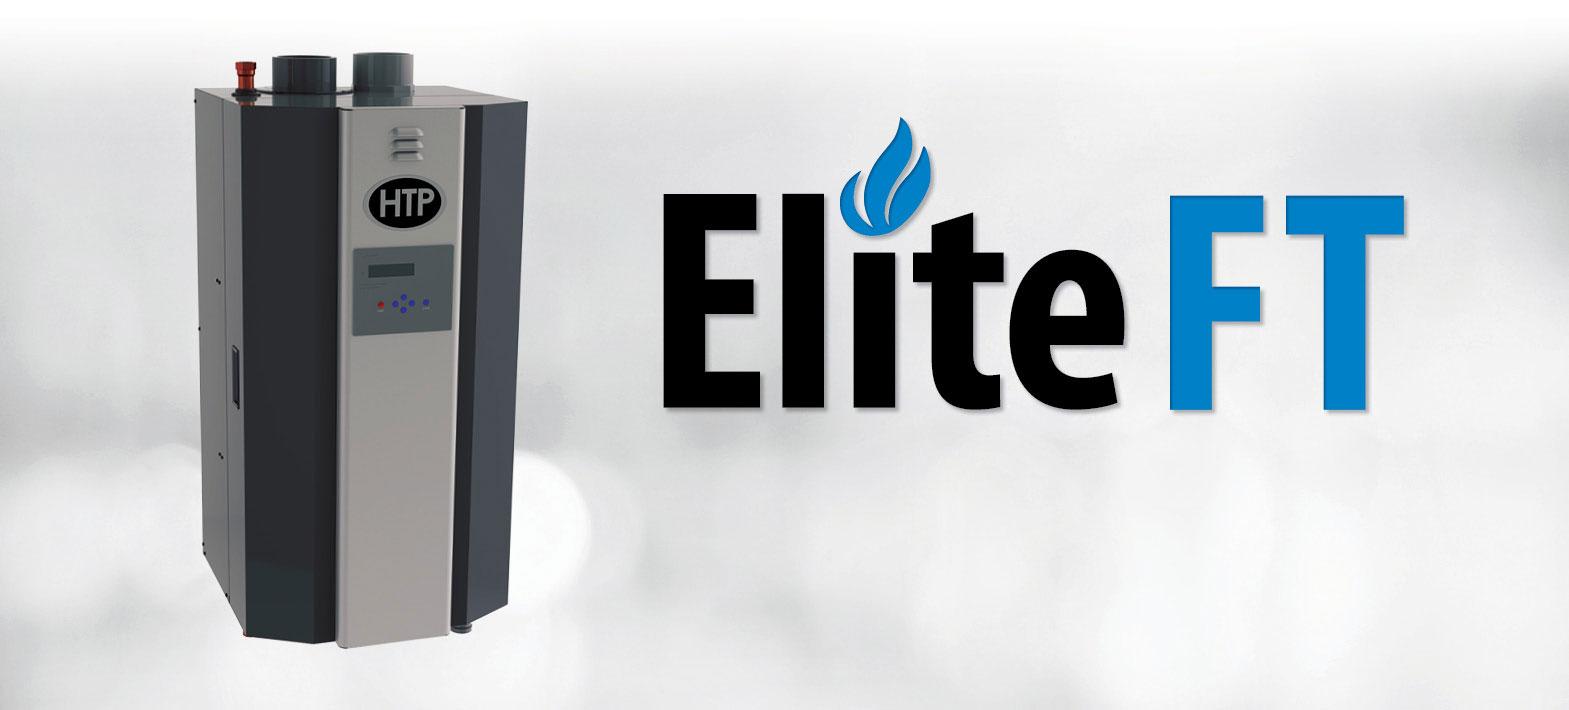 HTP - Elite Fire Tube Boiler